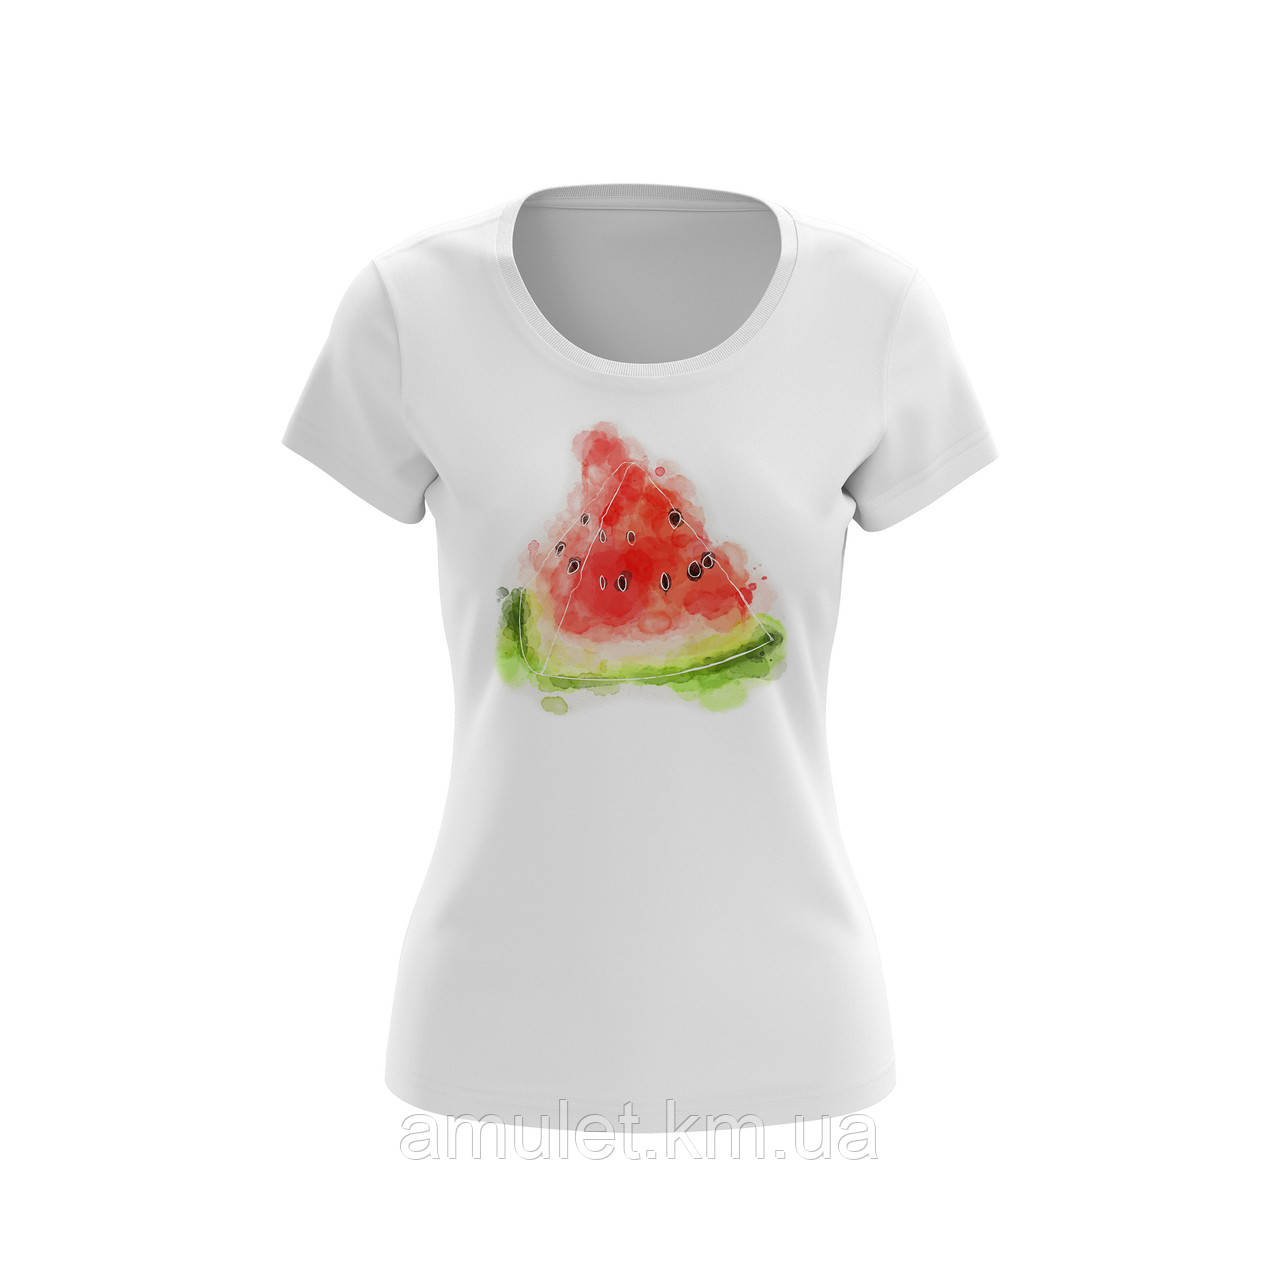 """Женская футболка однотонная белая с принтом """"Арбуз"""" хлопковая"""